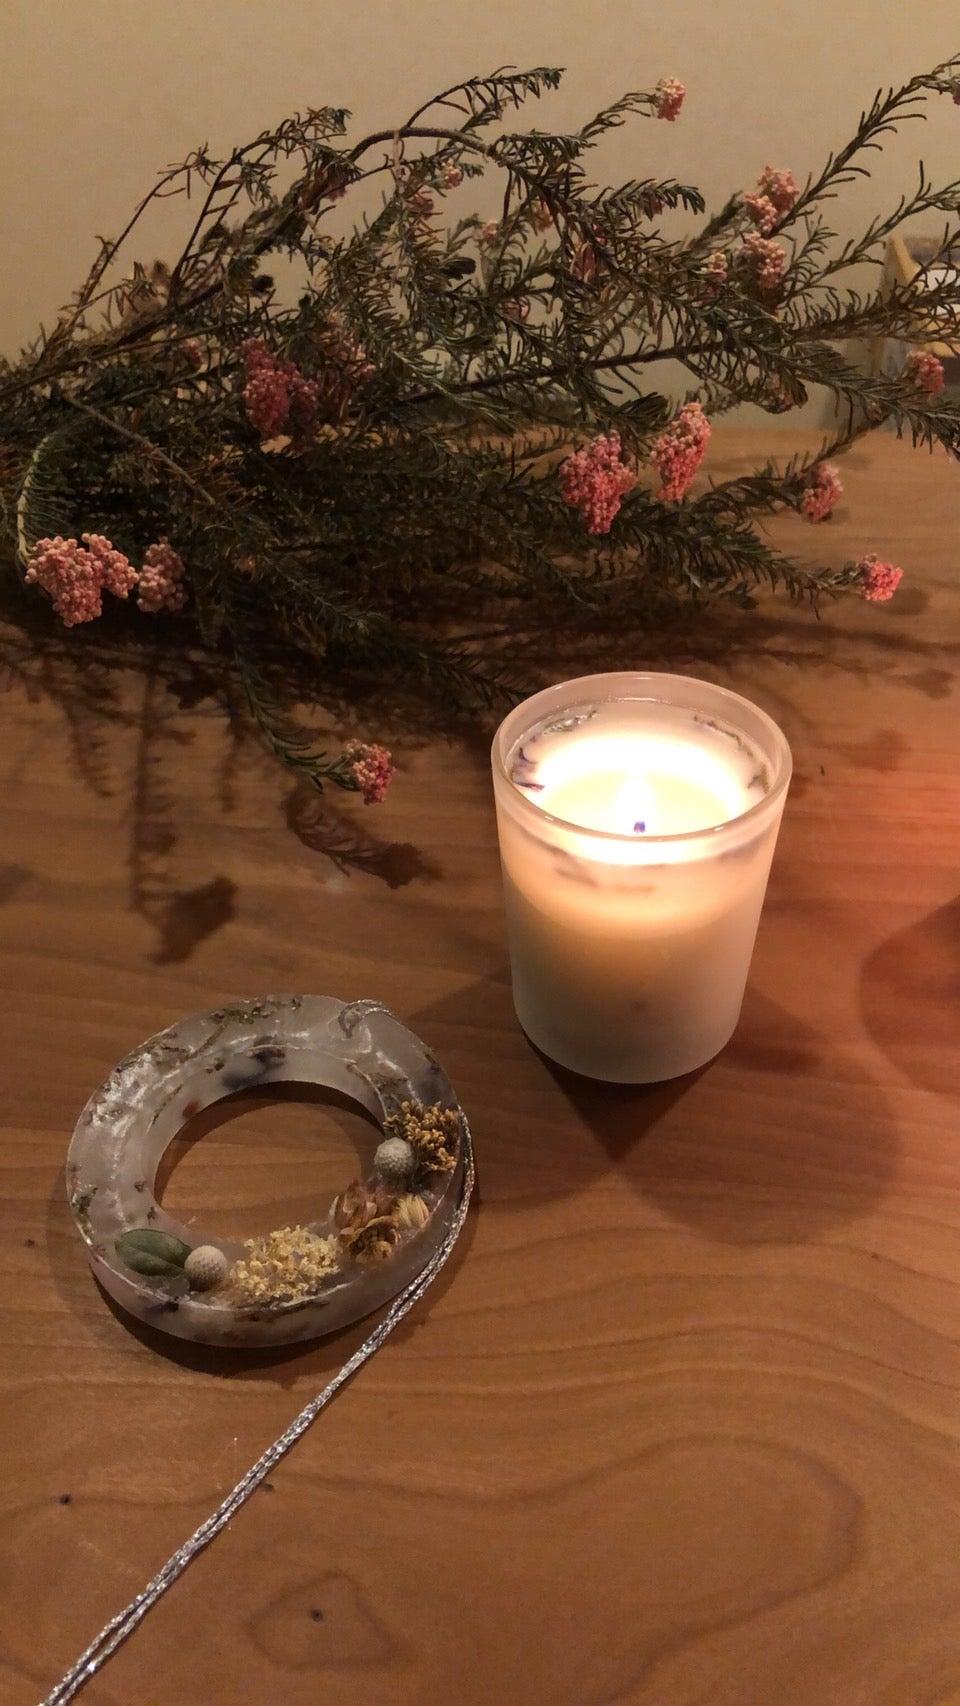 【12月のワークショップ】アロマワックスサシェ&グラスキャンドル作り